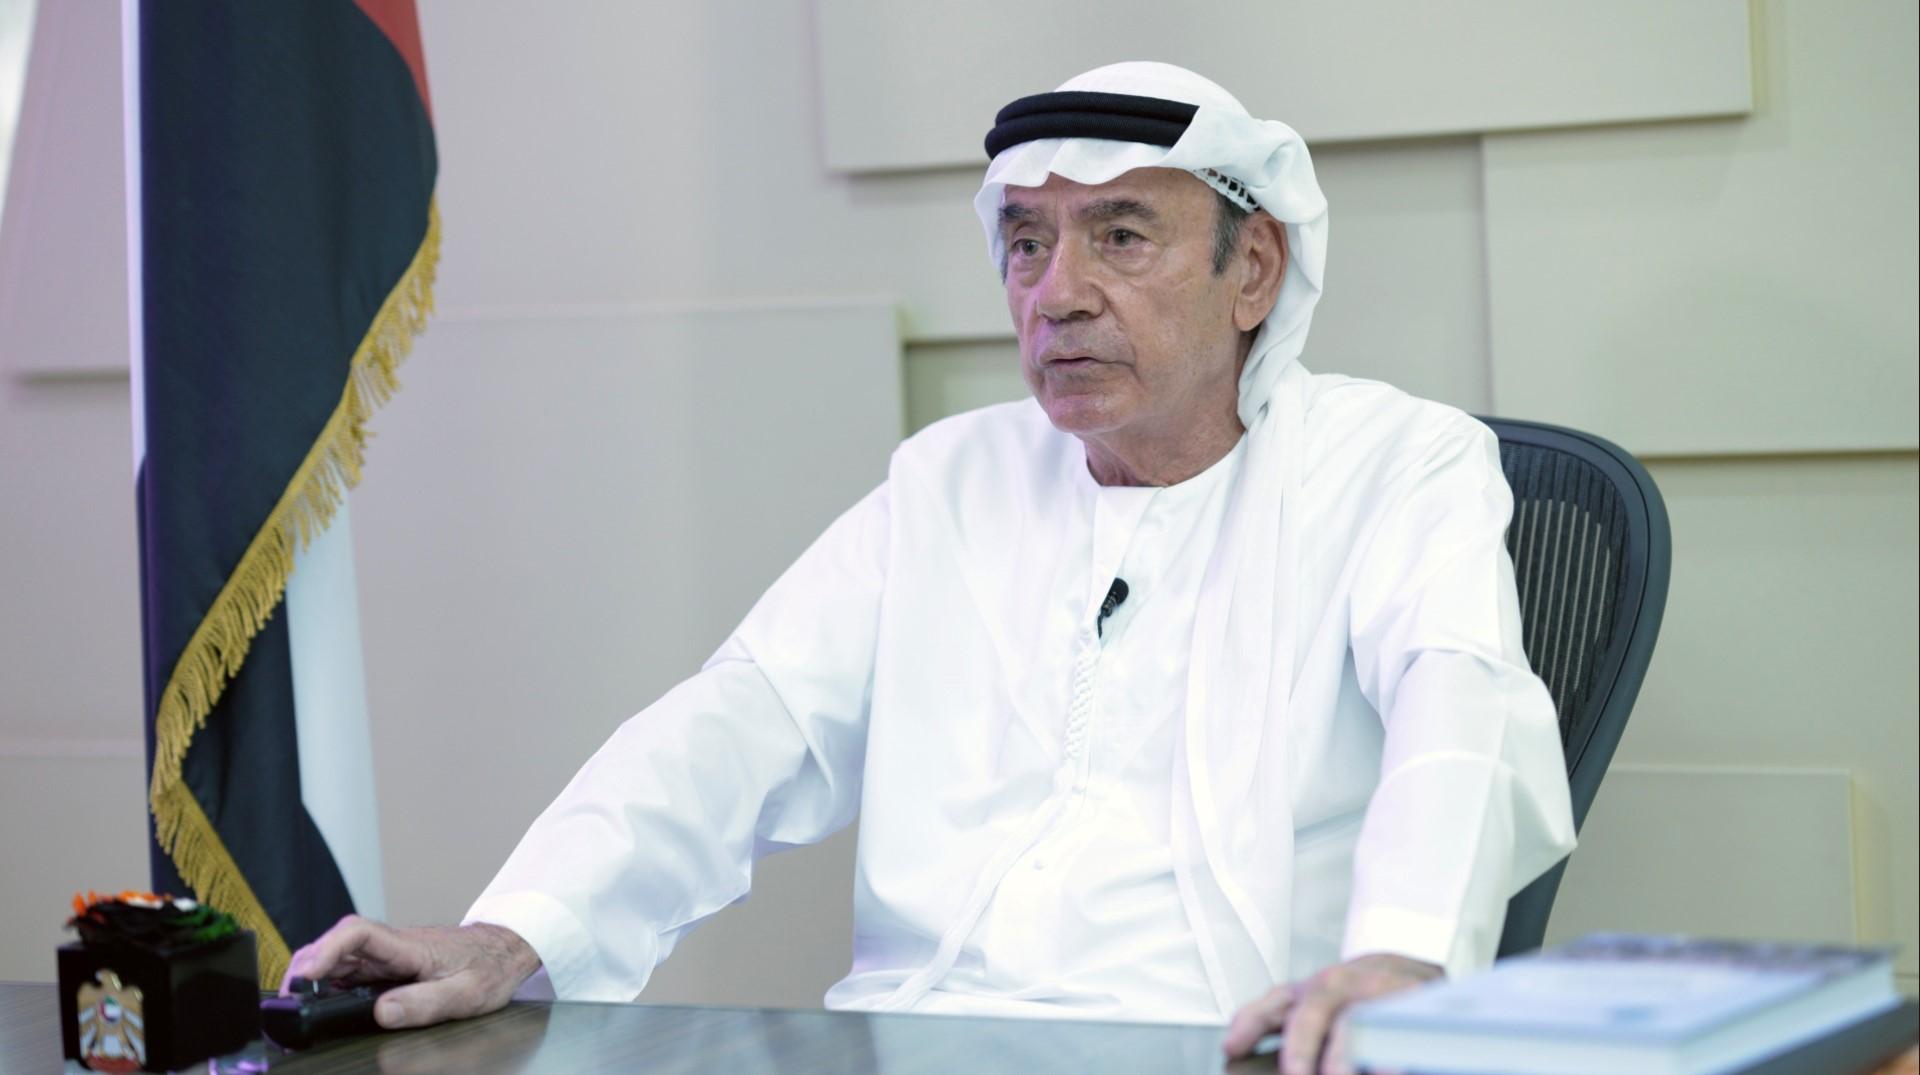 بدء اعمال المنتدى الإماراتي الفرنسي الثاني بجامعة الإمارات